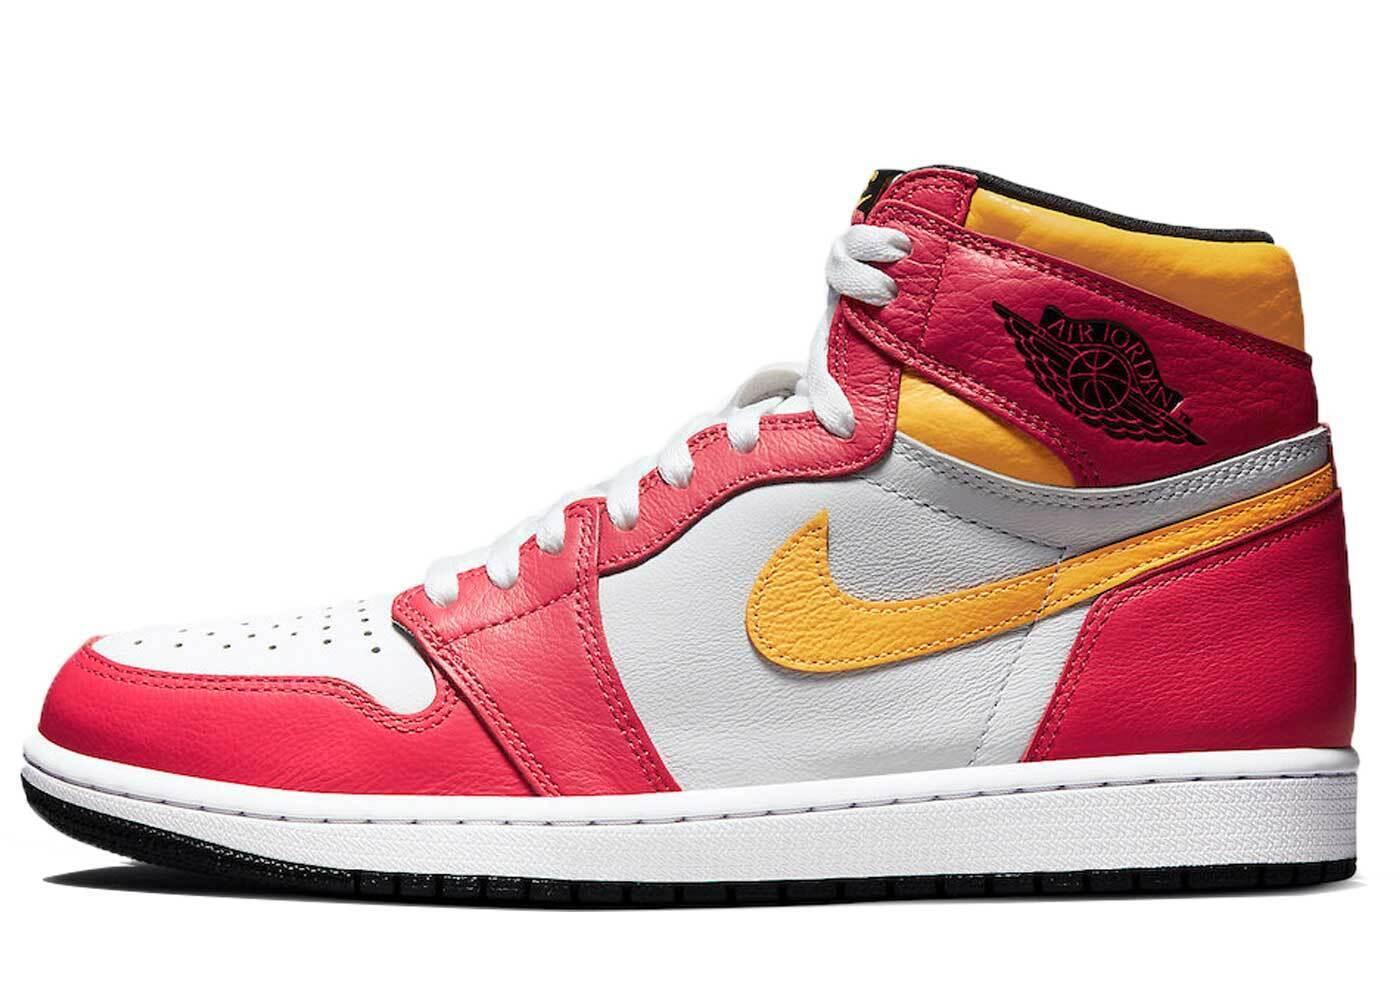 Nike Air Jordan 1 Retro High OG Light Fusion Redの写真